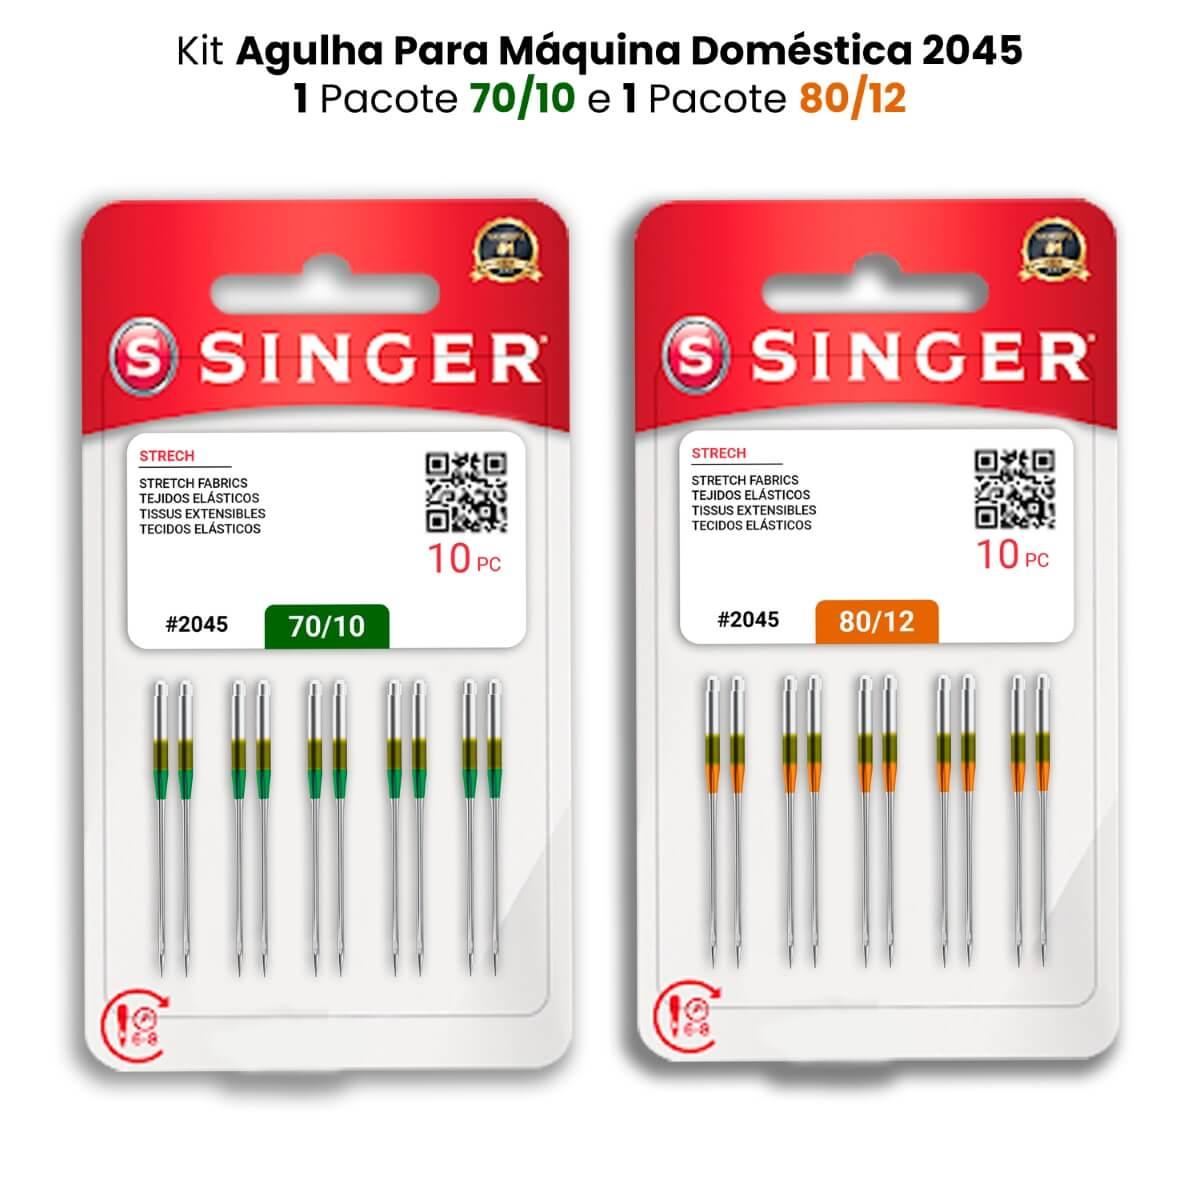 Agulha Singer Para Máquina de Costura Domestica 2045 130/705 Kit com 2 PCT 70/10 e 2 PCT 80/12  - Pavvia Agulhas e Peças